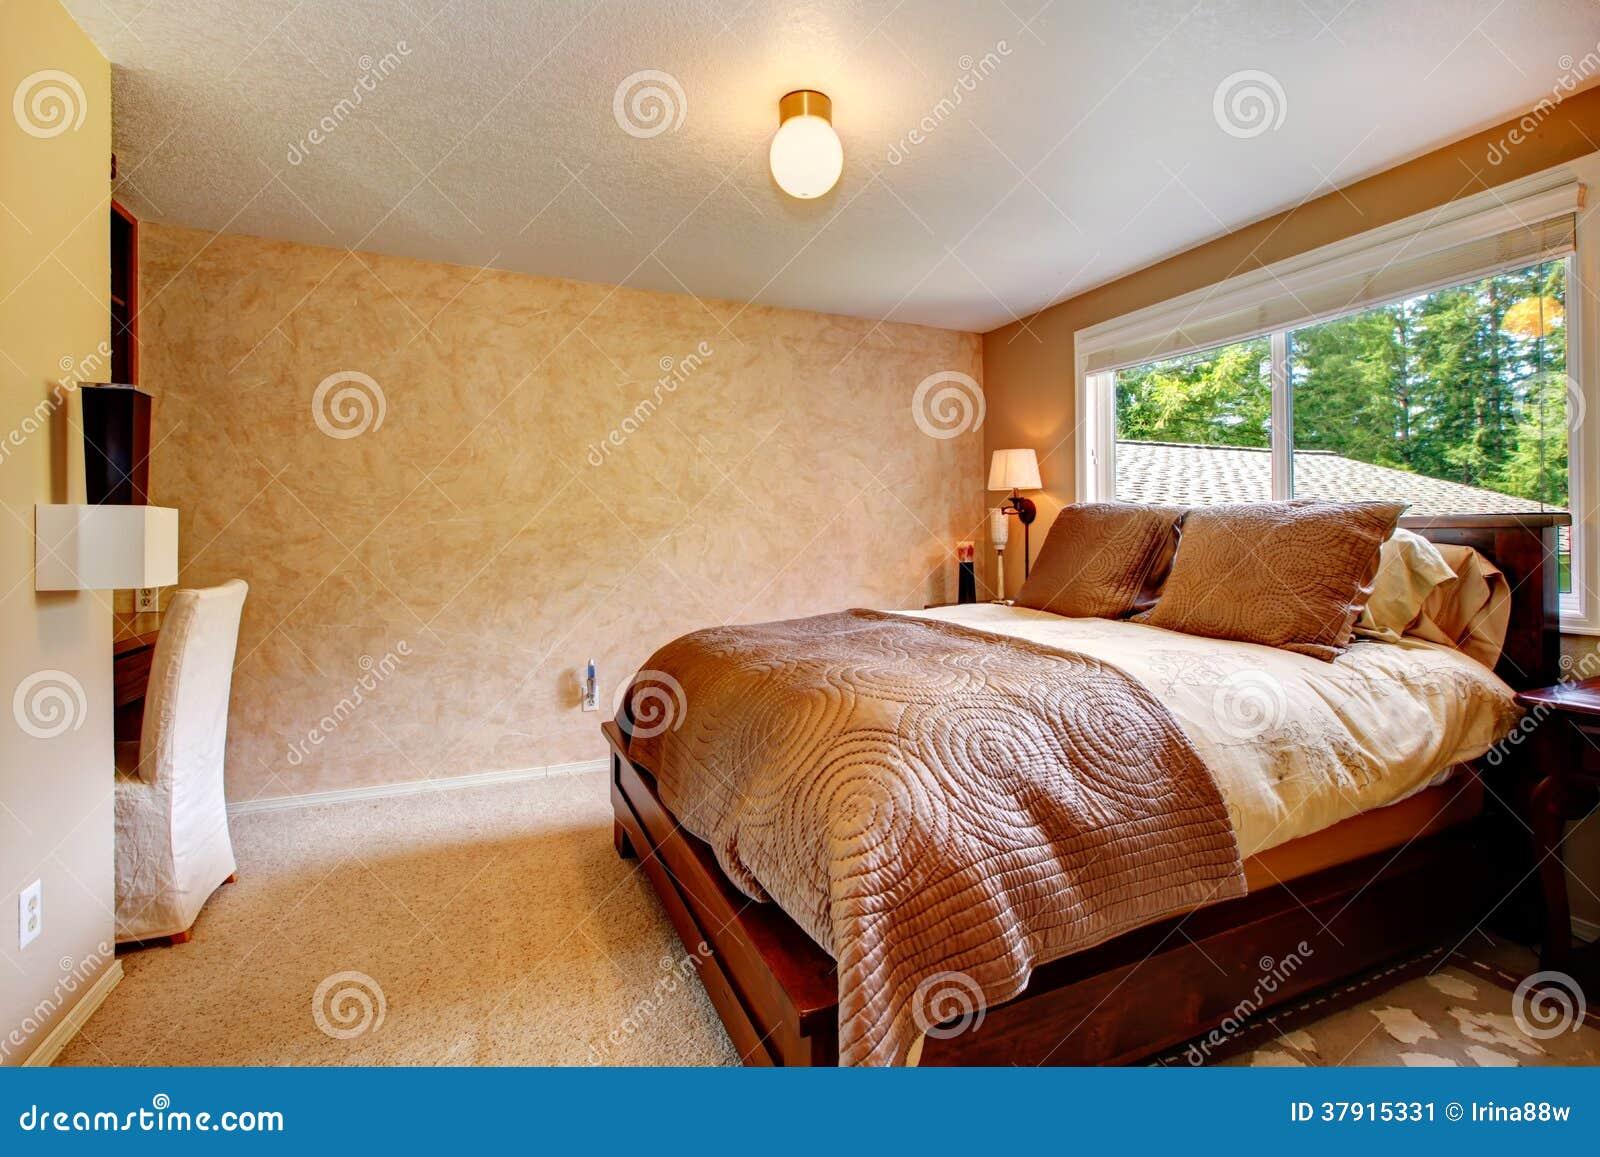 Camera da letto accogliente di colori caldi immagine stock - Colori camera da letto matrimoniale ...